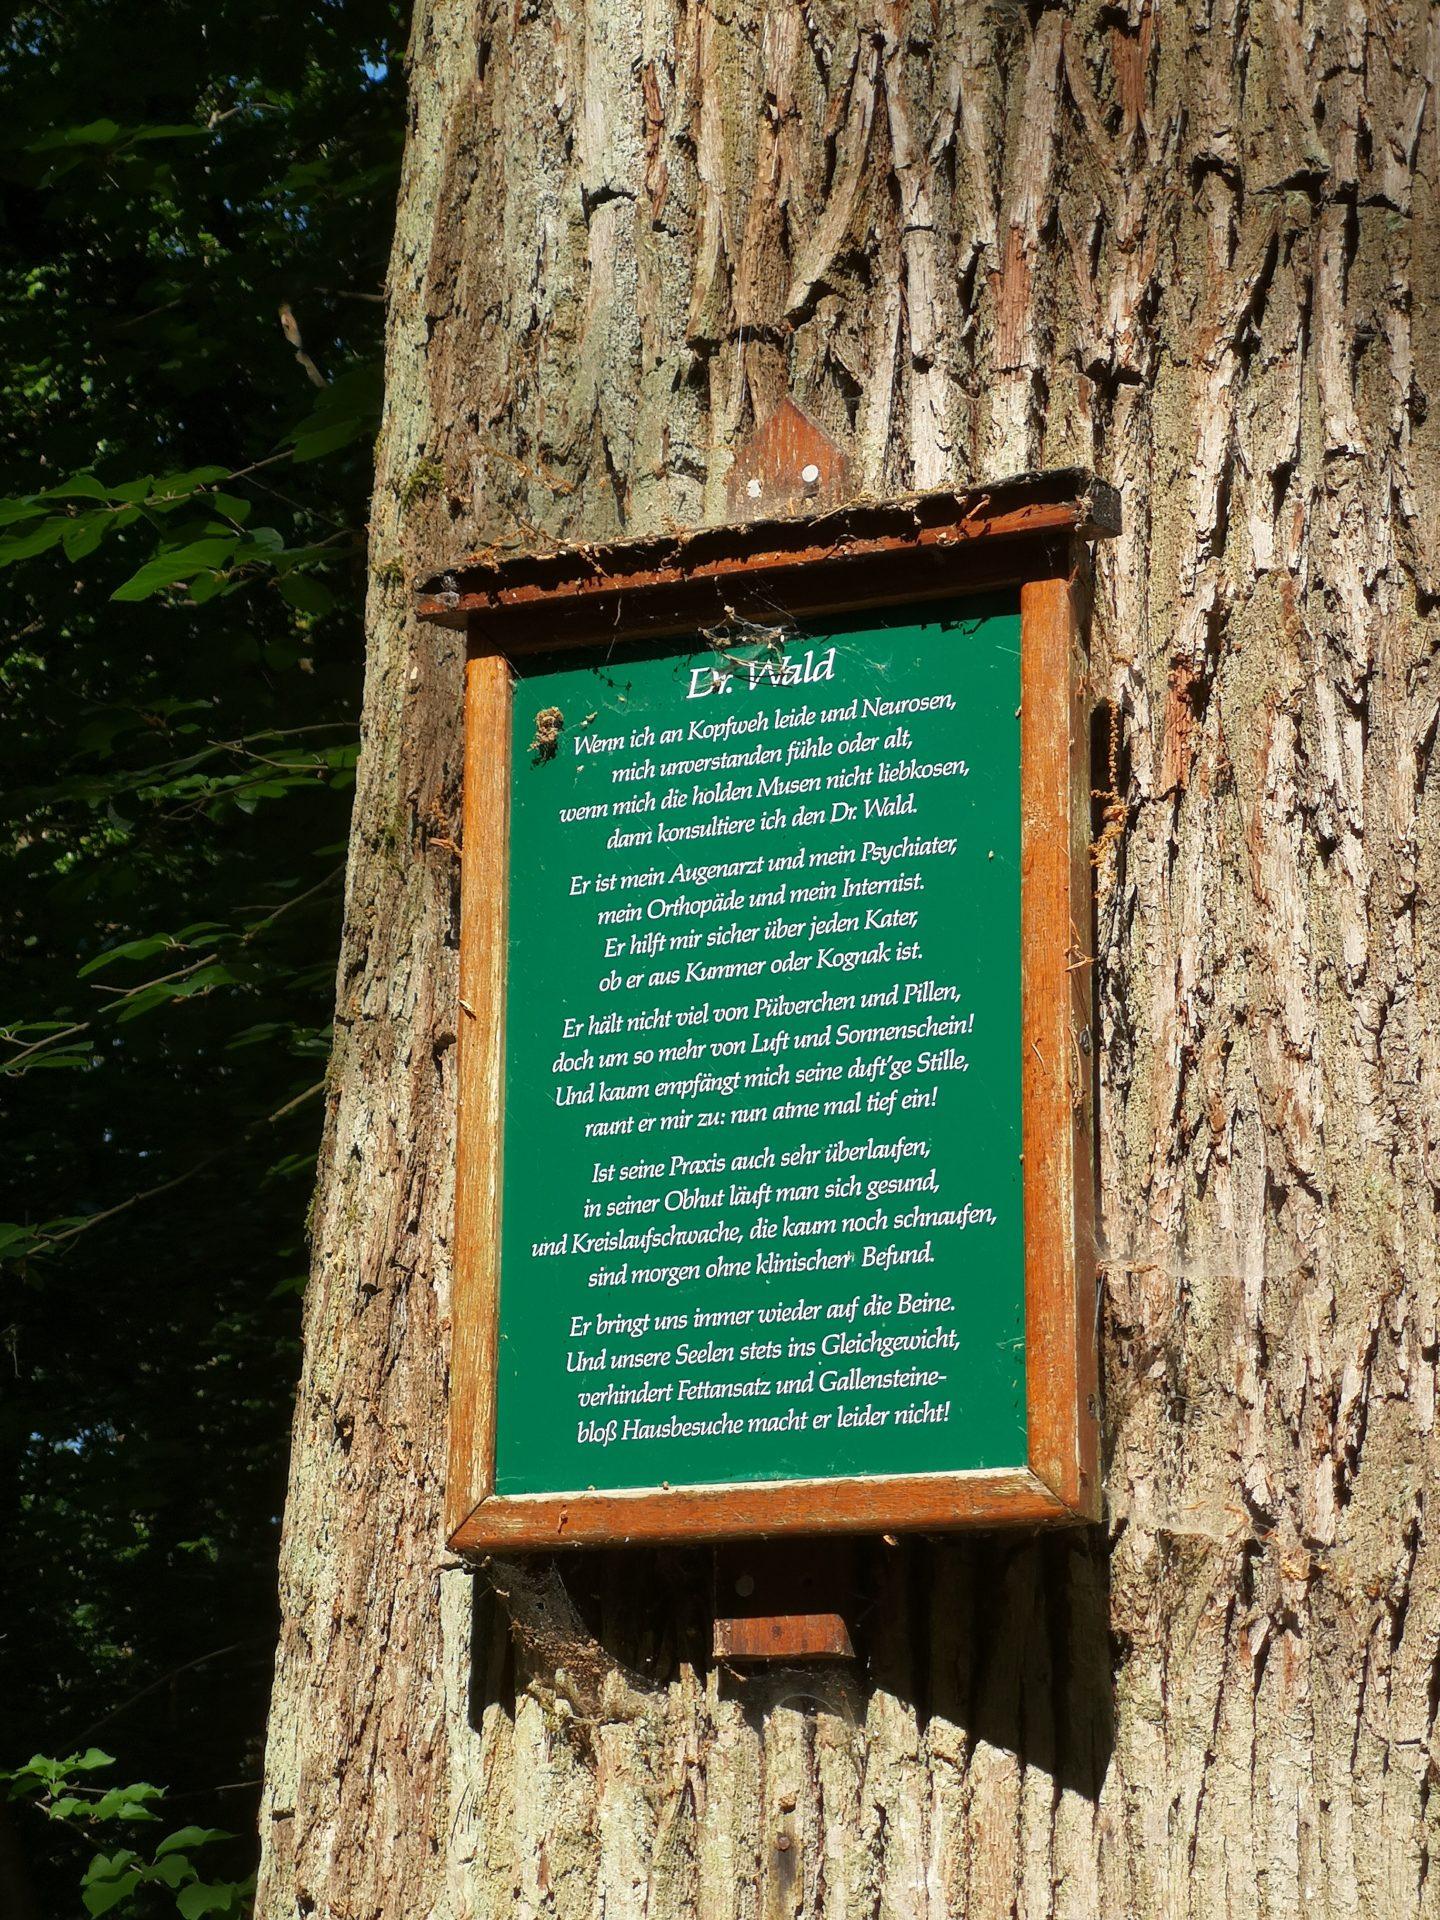 Tafel mit einem Gedicht an einem Baumstamm